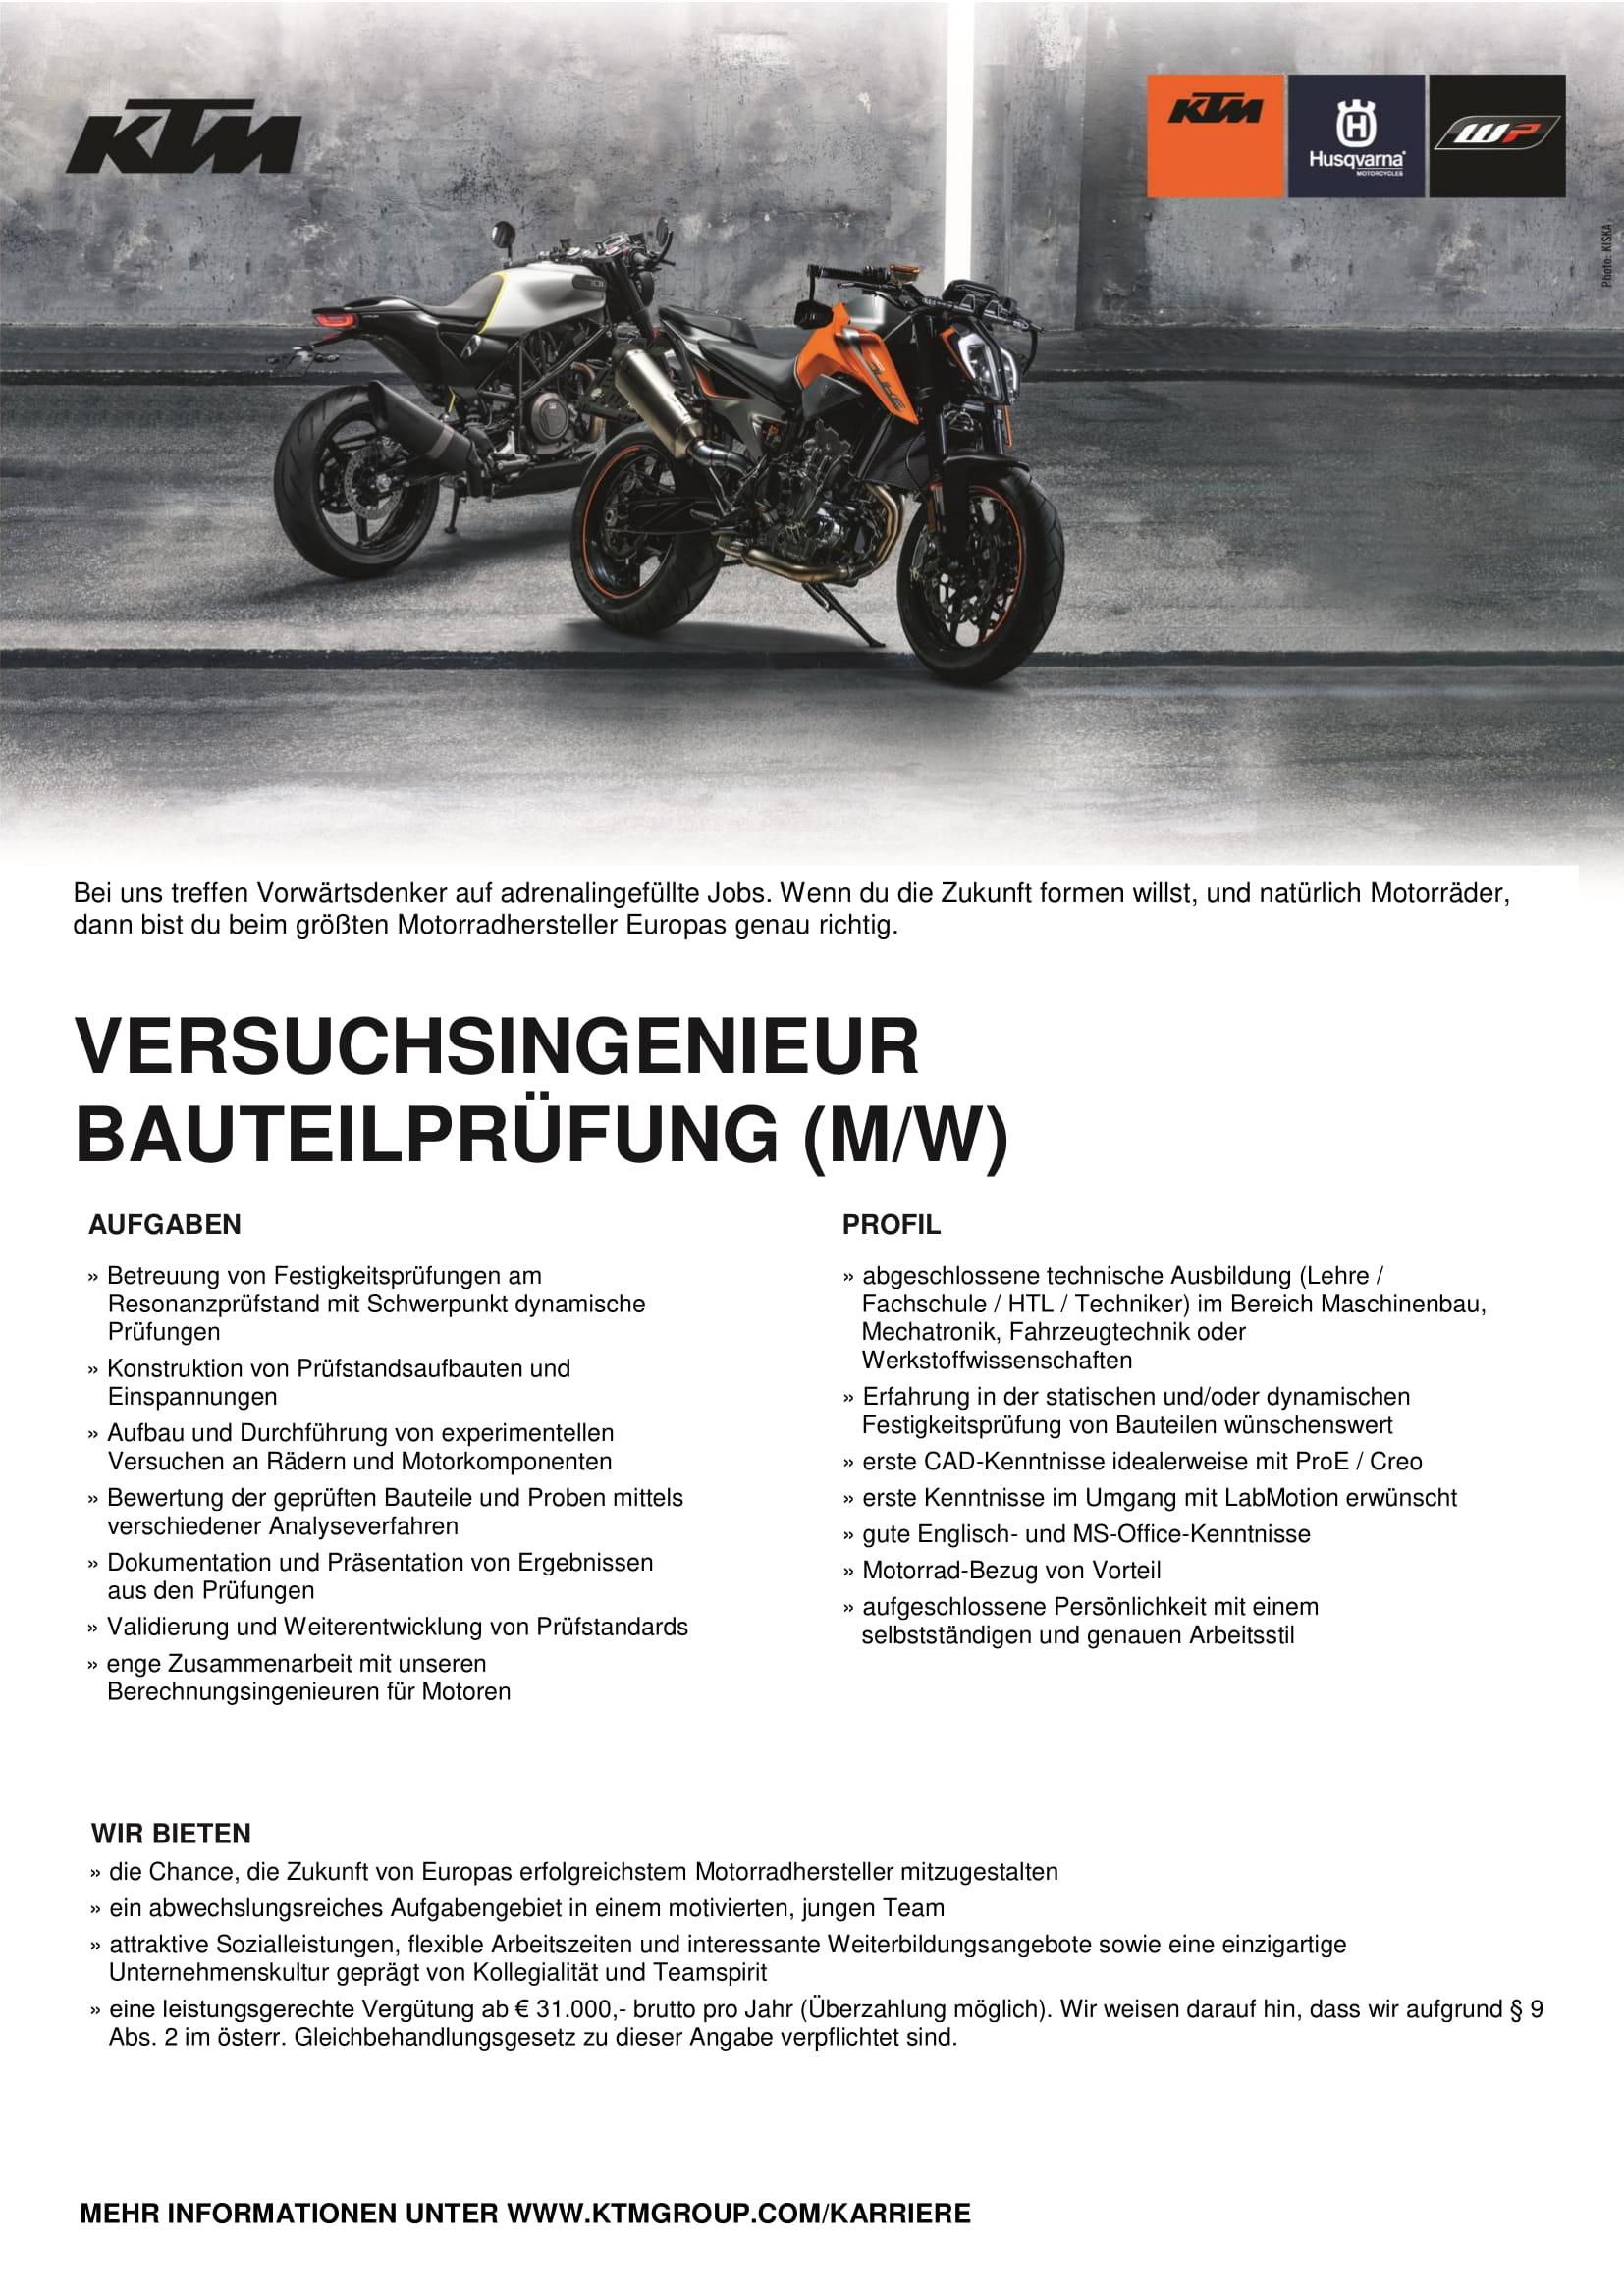 Schön Motorradmechaniker Lebenslauf Galerie - Entry Level Resume ...